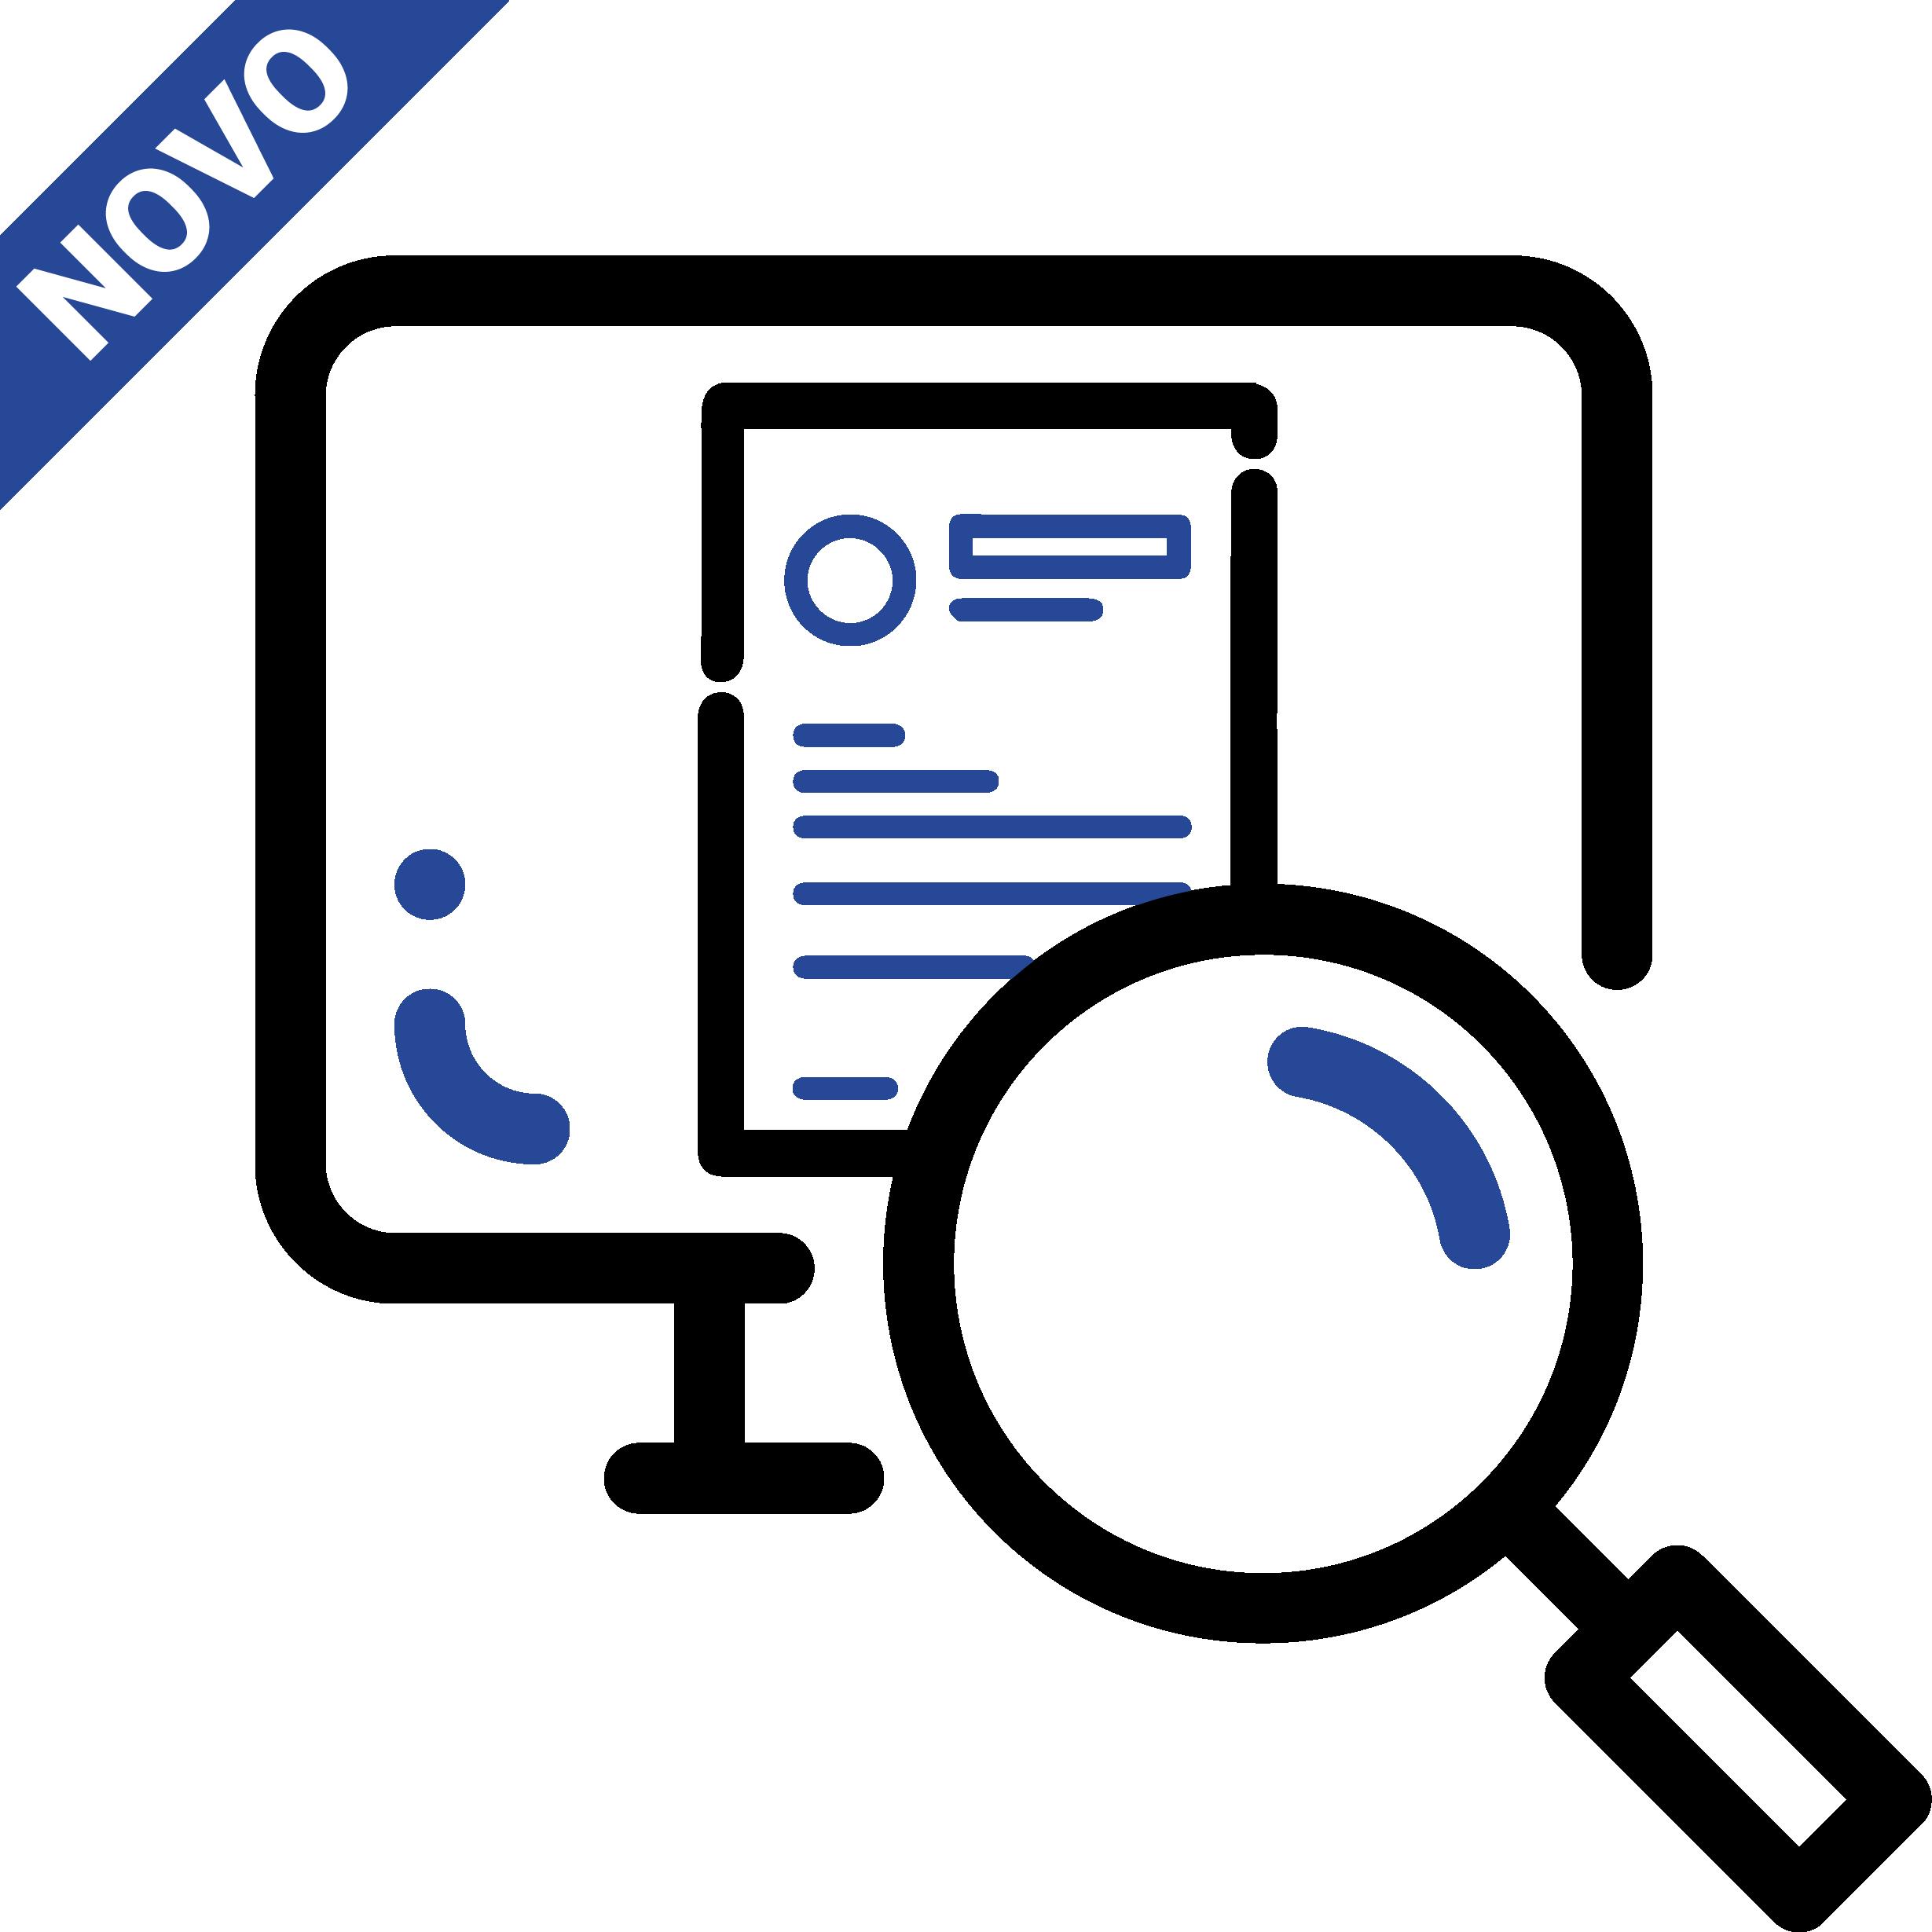 monitoramento-03 azul-01